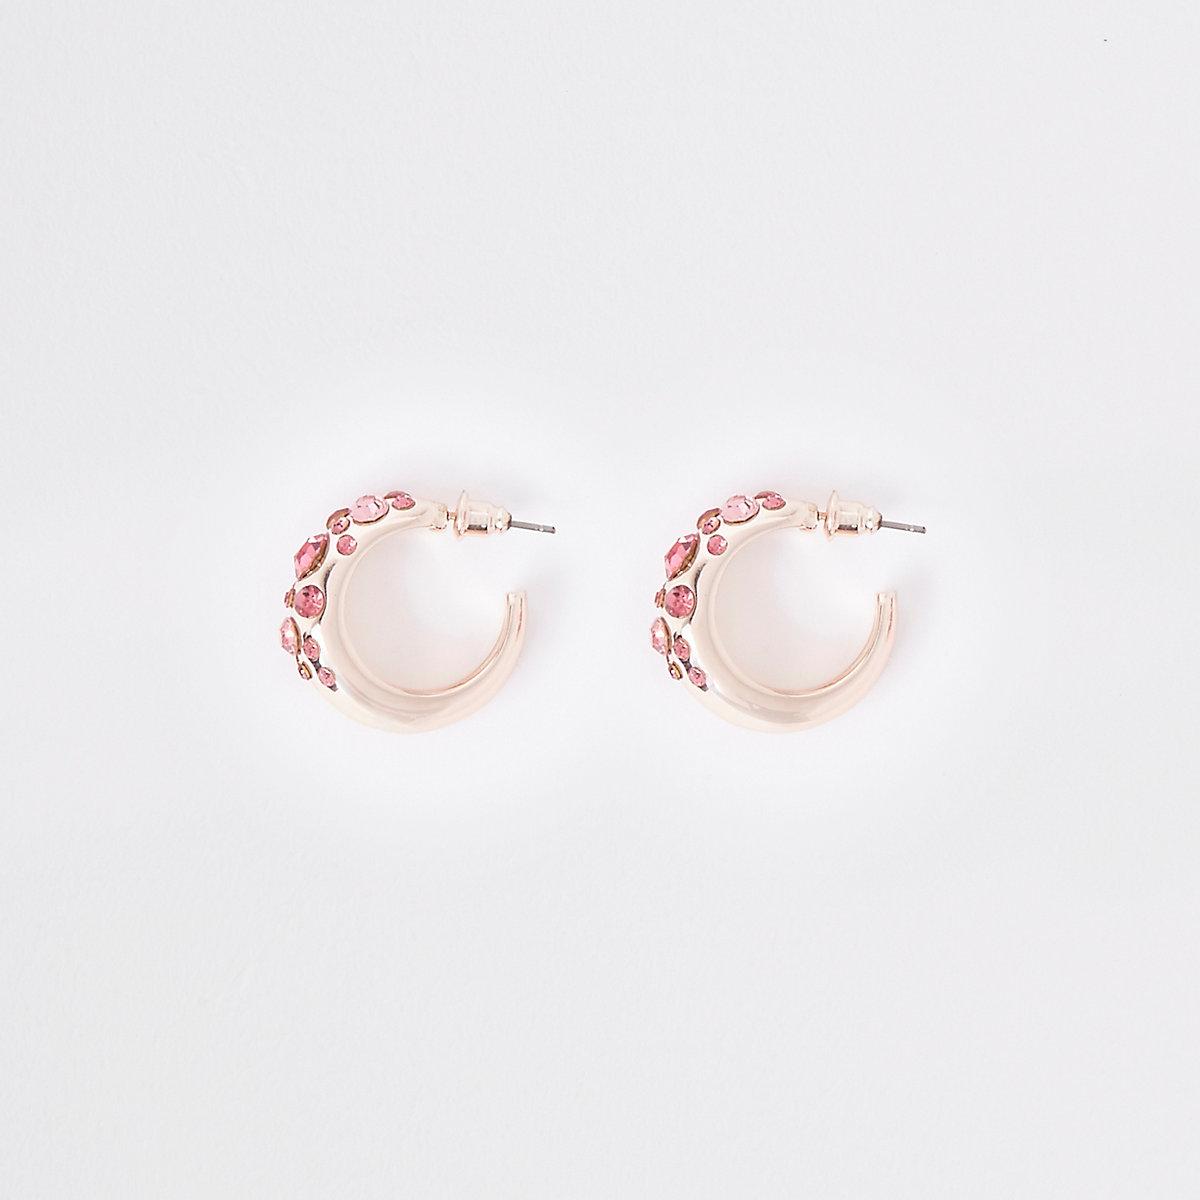 Rose gold tone rhinestone mini hoop earrings